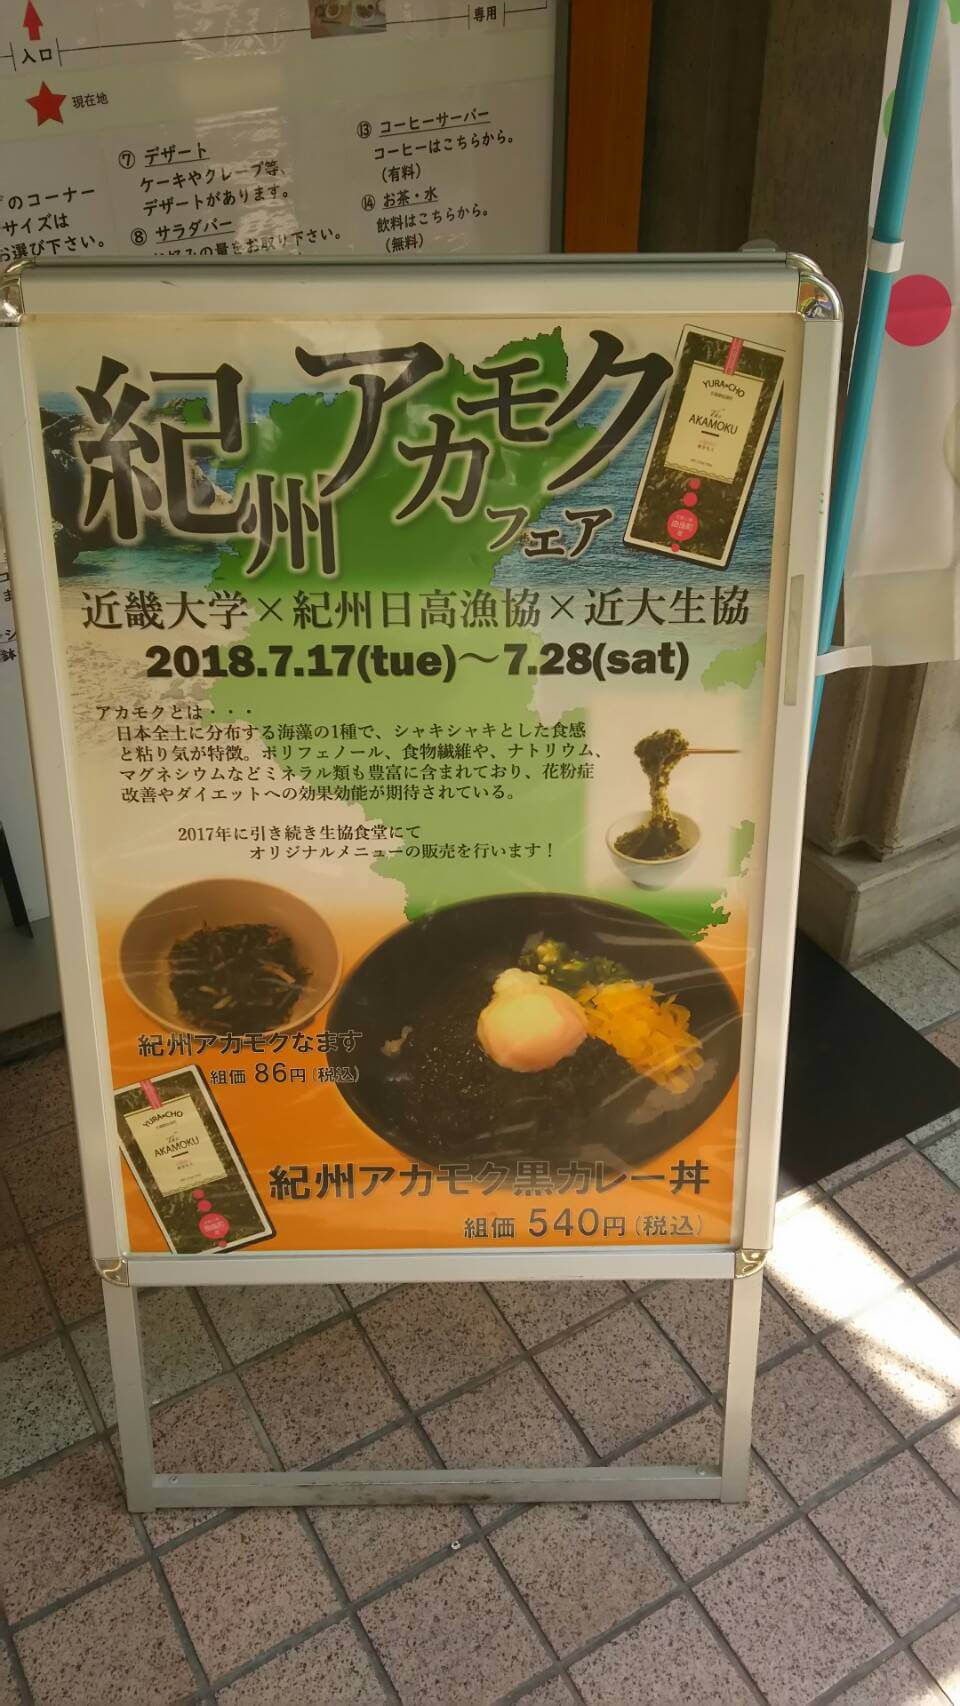 近畿大学、学生食堂に行ってきました。